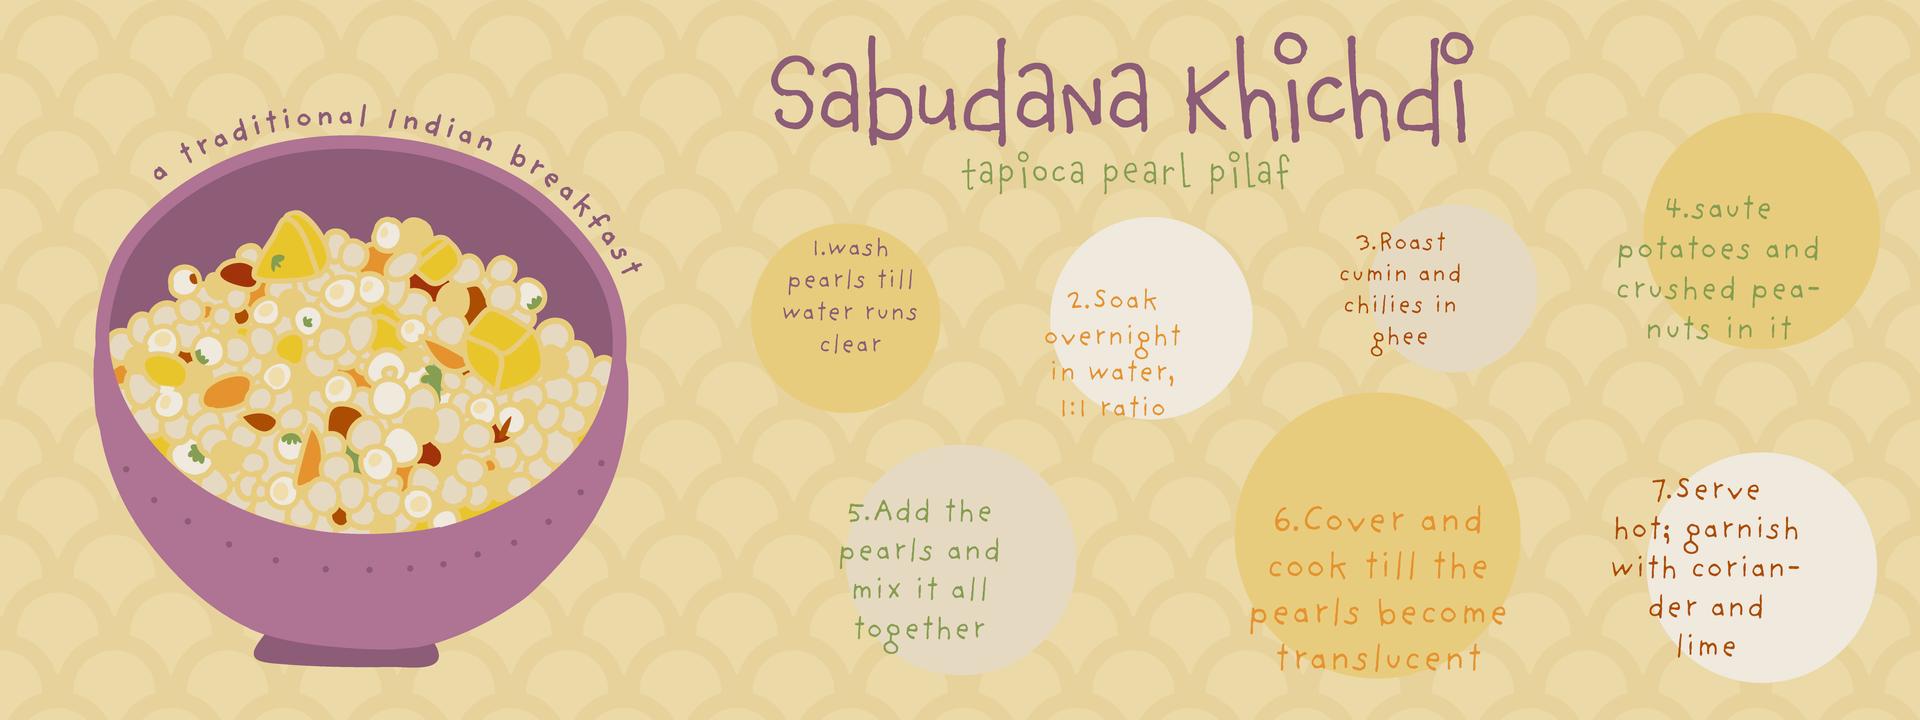 Sabudana - recipe